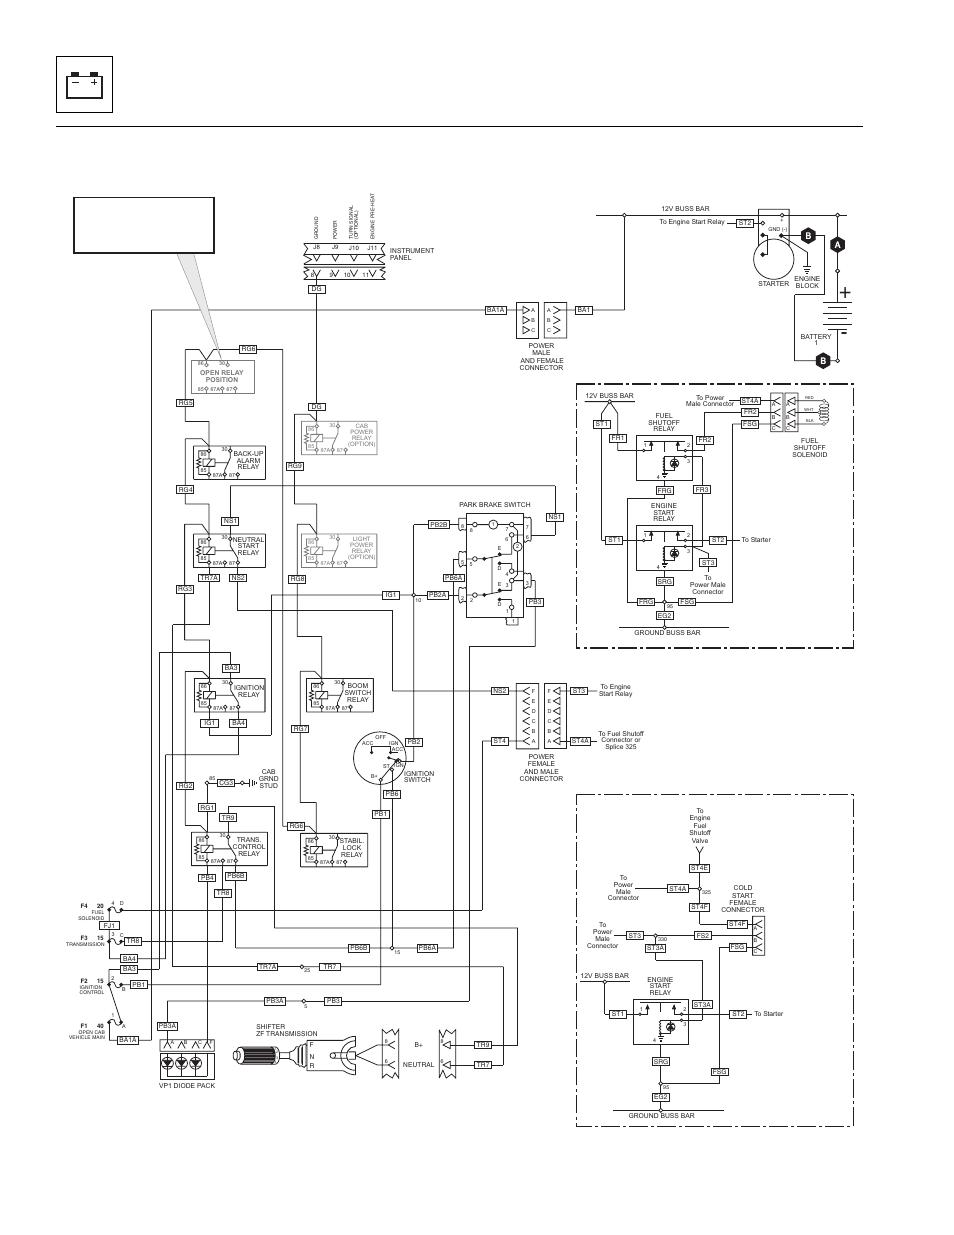 medium resolution of lull wiring diagram wiring diagram imp lull 644b 42 wiring diagram